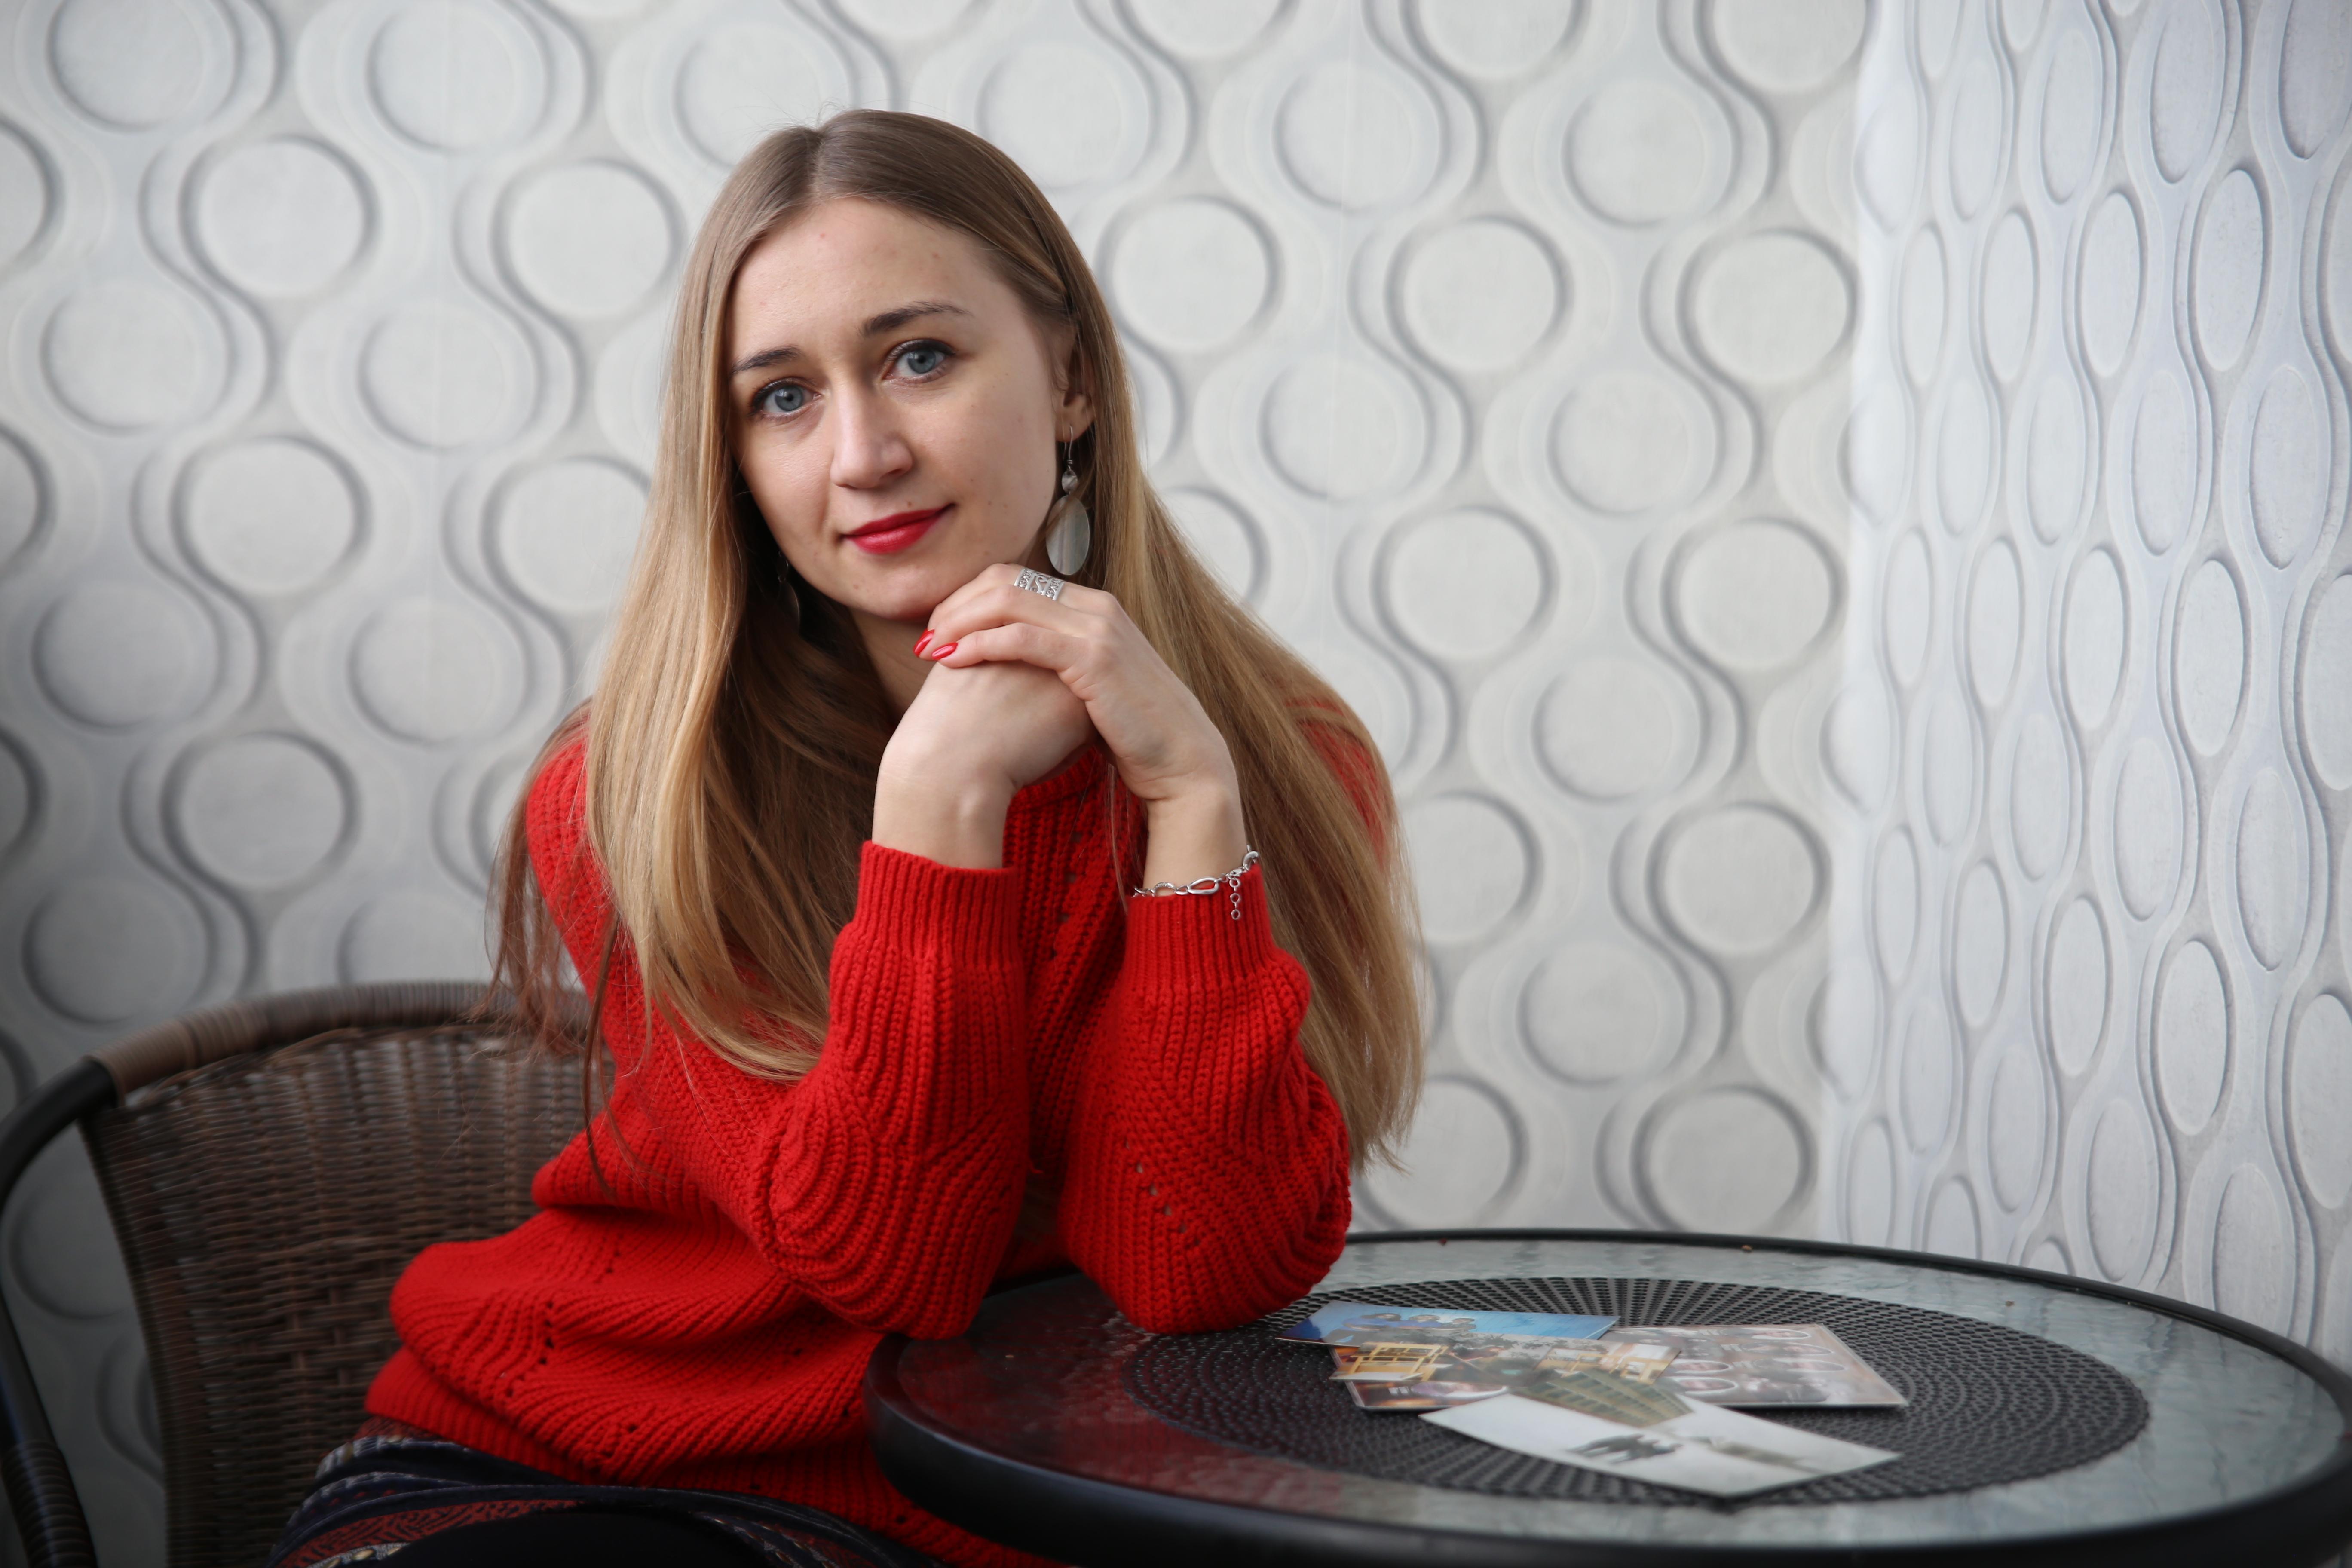 Анна Лукинская. Фото: Евгений ТИХАНОВИЧ